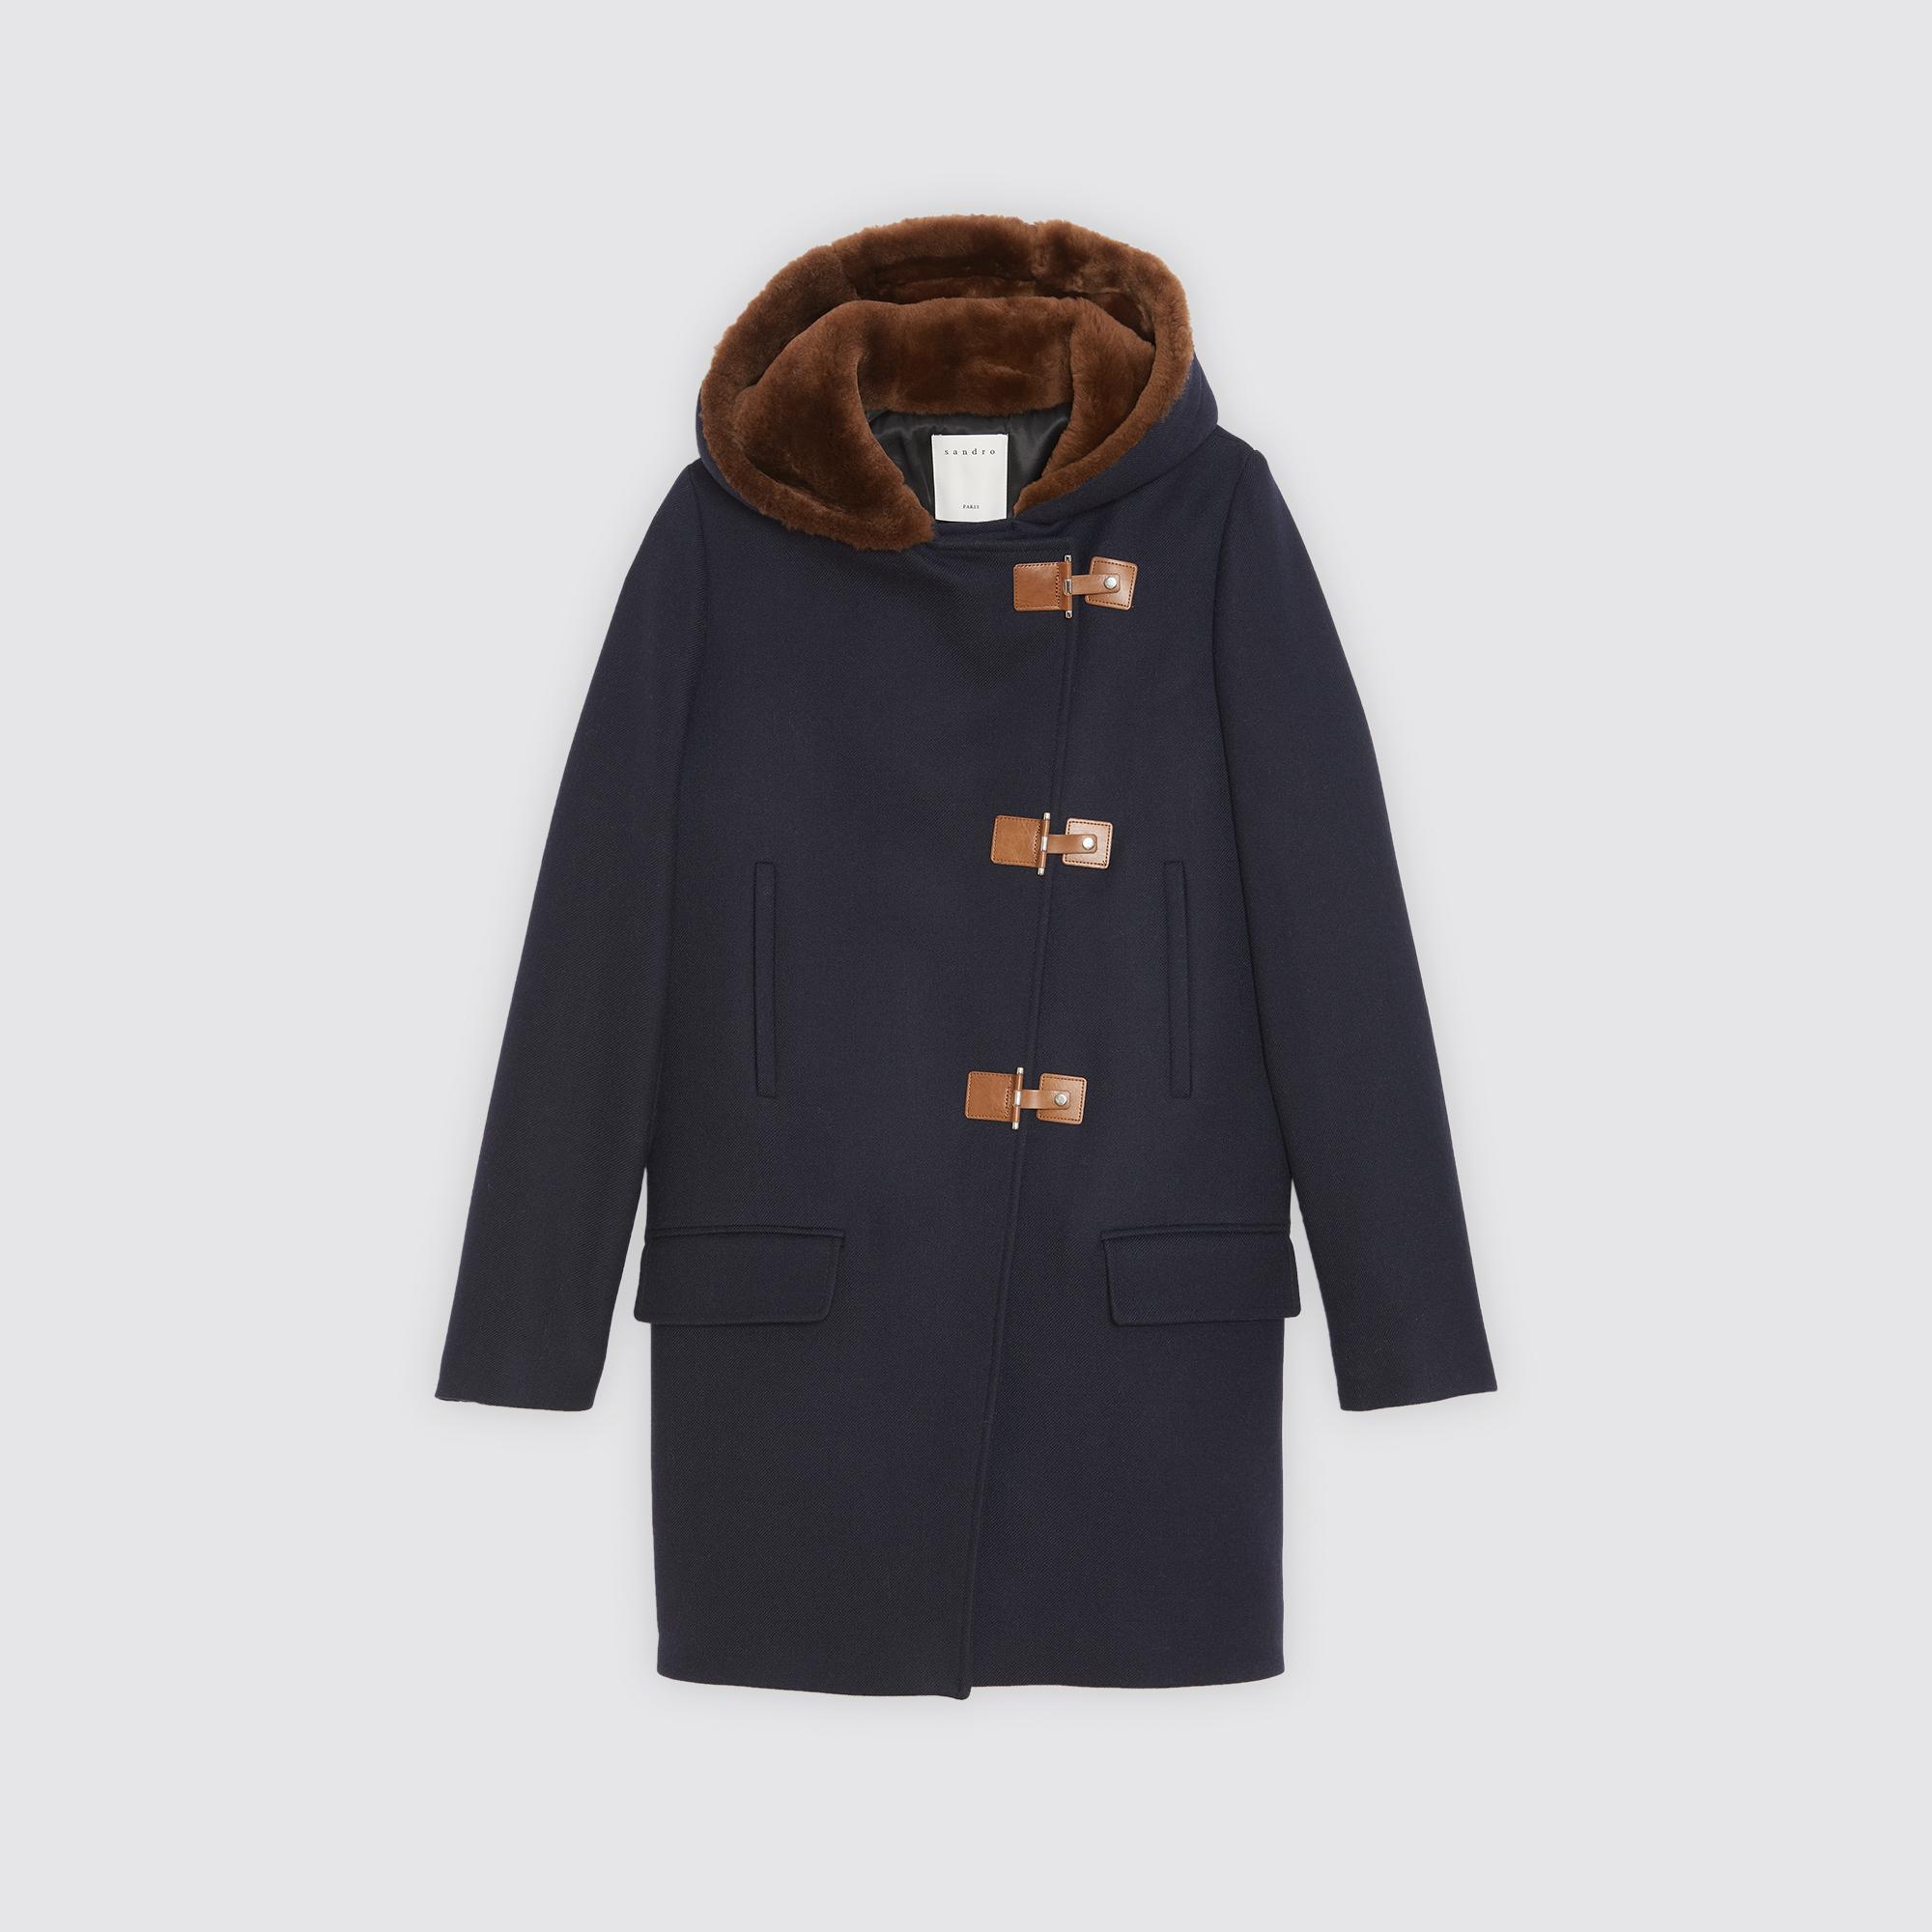 Duffle Laine Style Sandro Coat M9739h En Paris Manteau t1PwFt